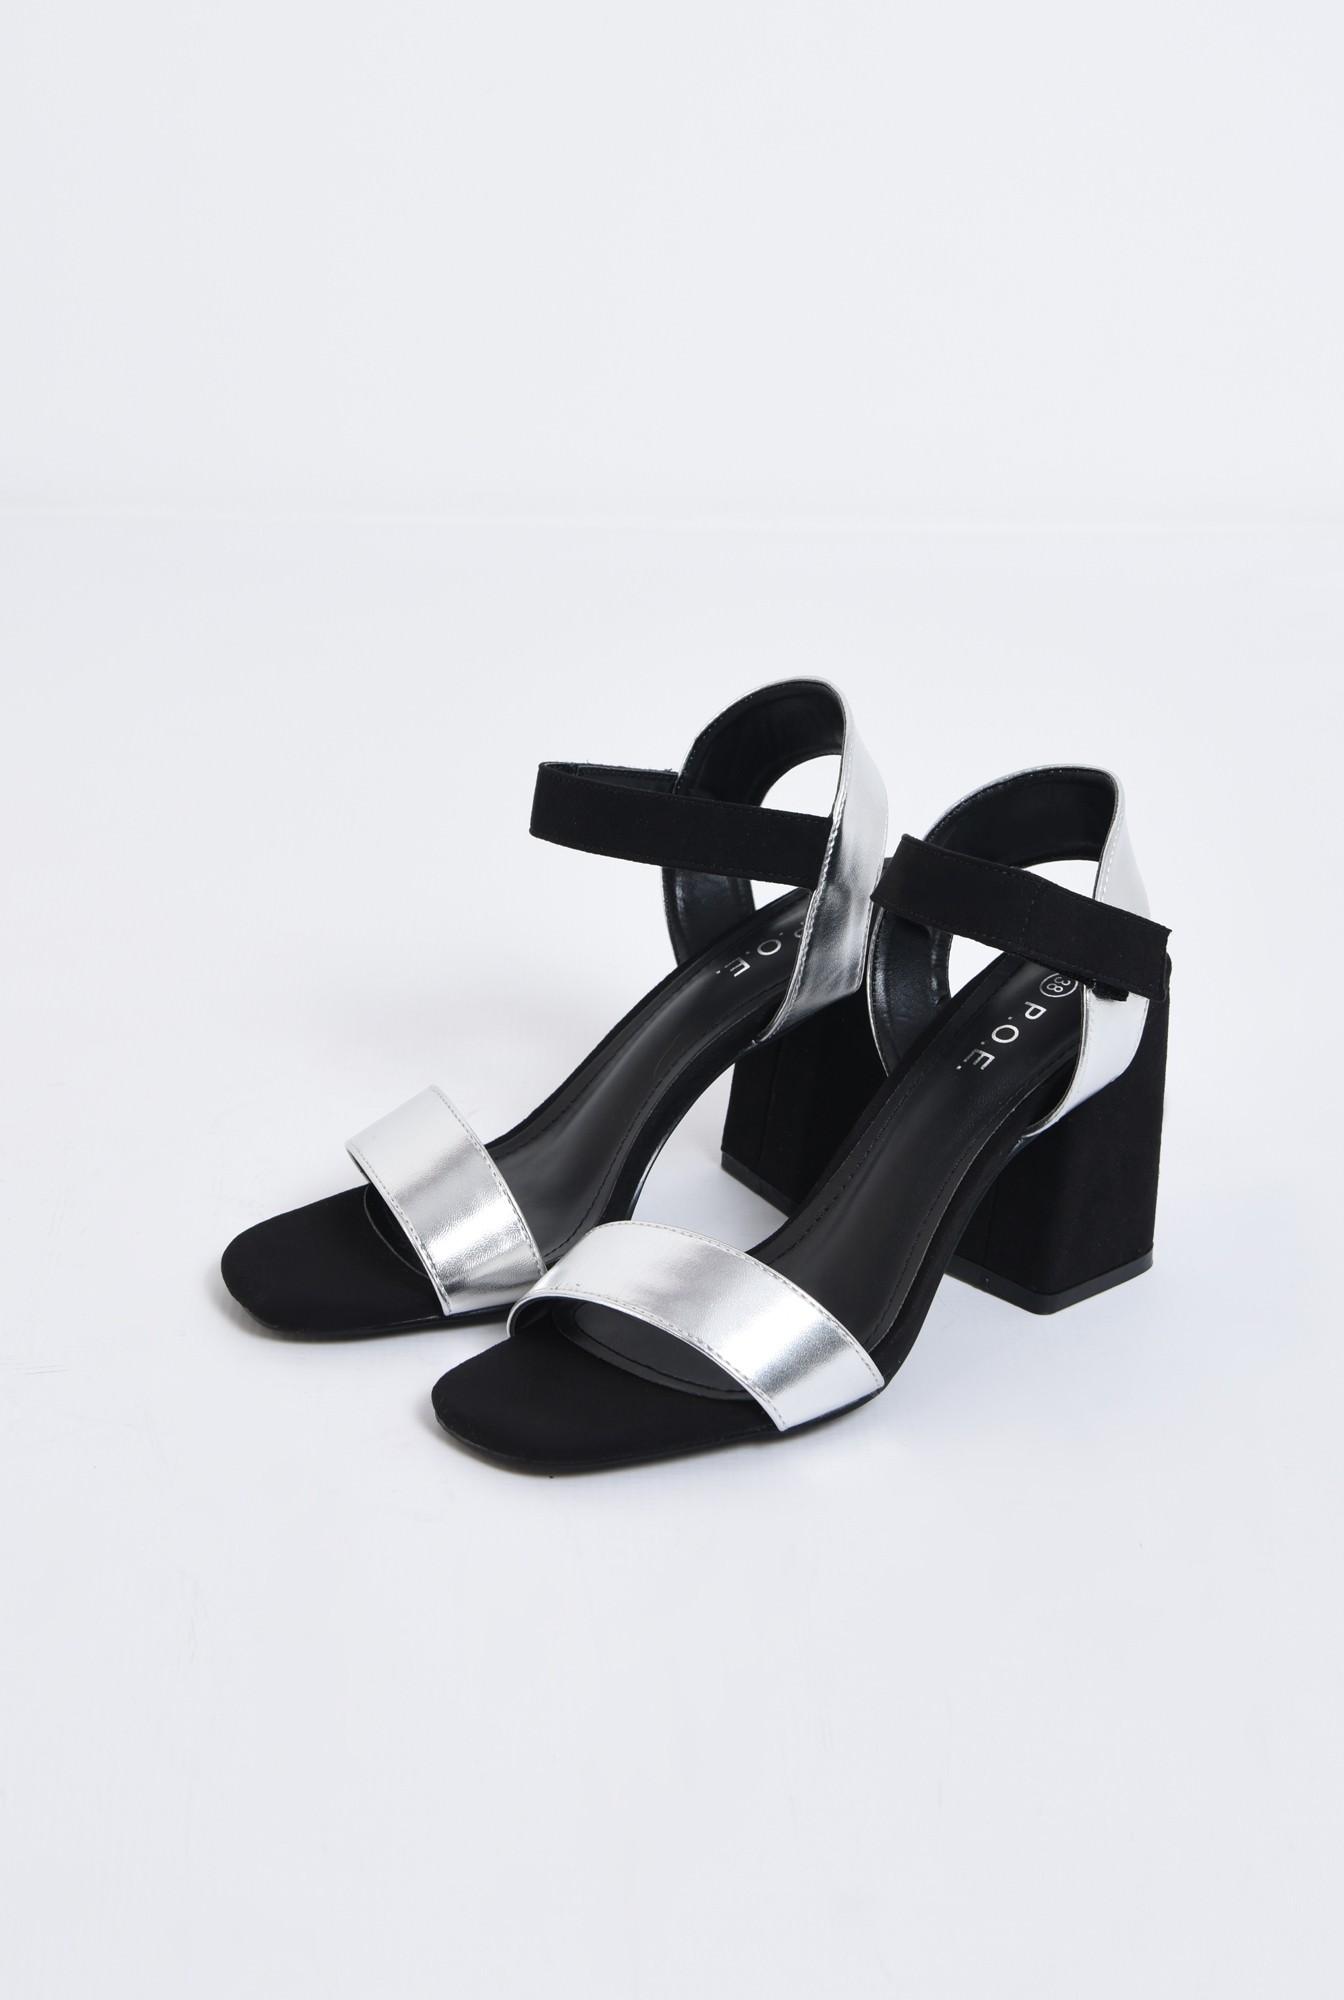 1 - sandale casual, bicolore, negru, argintiu, inchidere cu scai